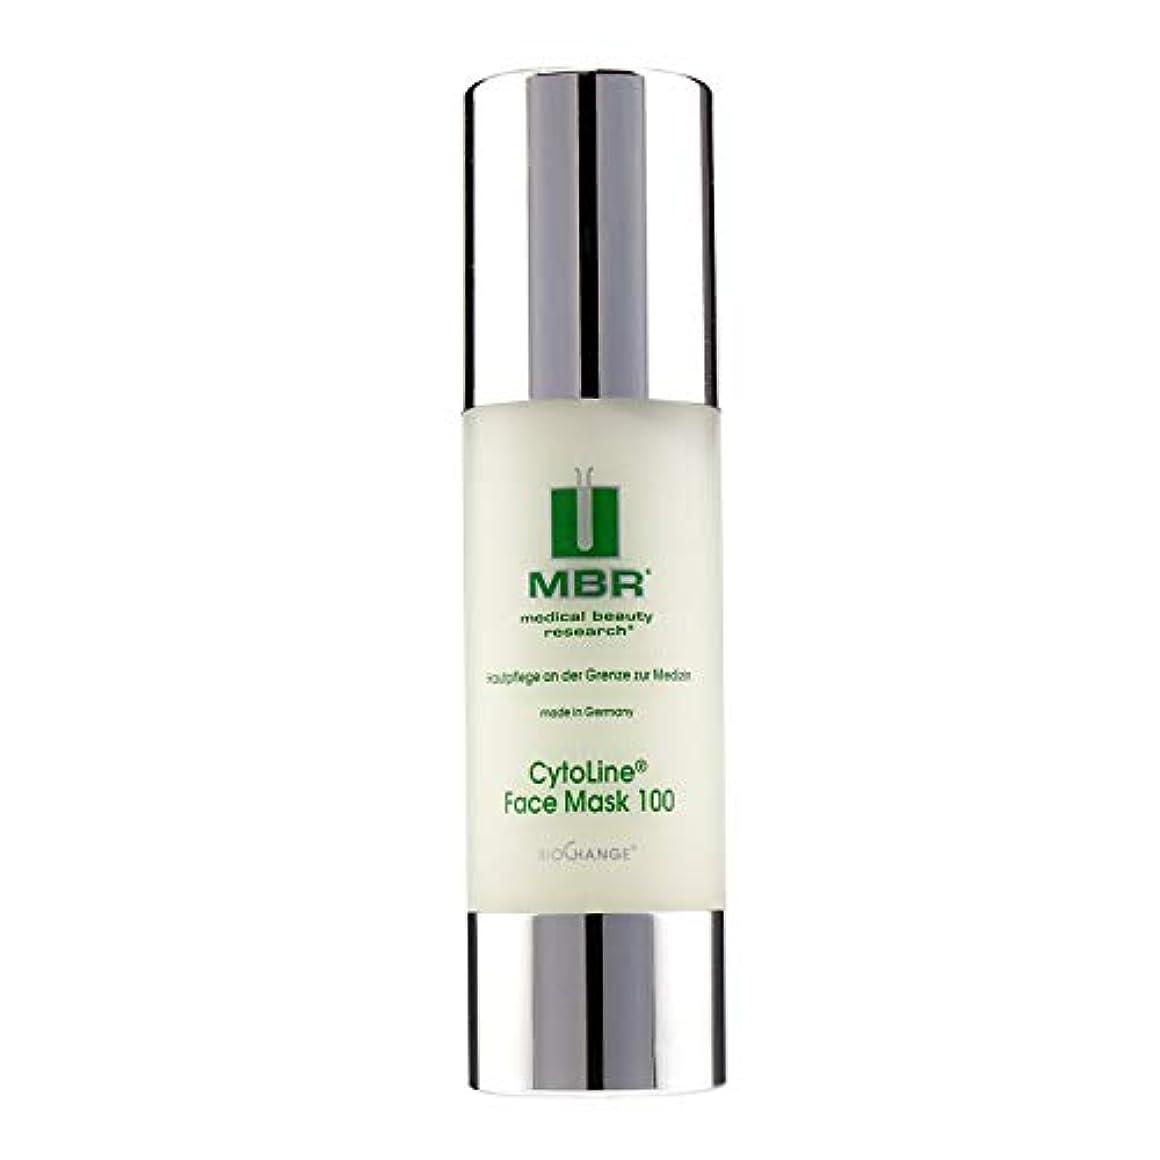 ランプ司法湿ったMBR Medical Beauty Research BioChange Cytoline Face Mask 100 50ml/1.7oz並行輸入品